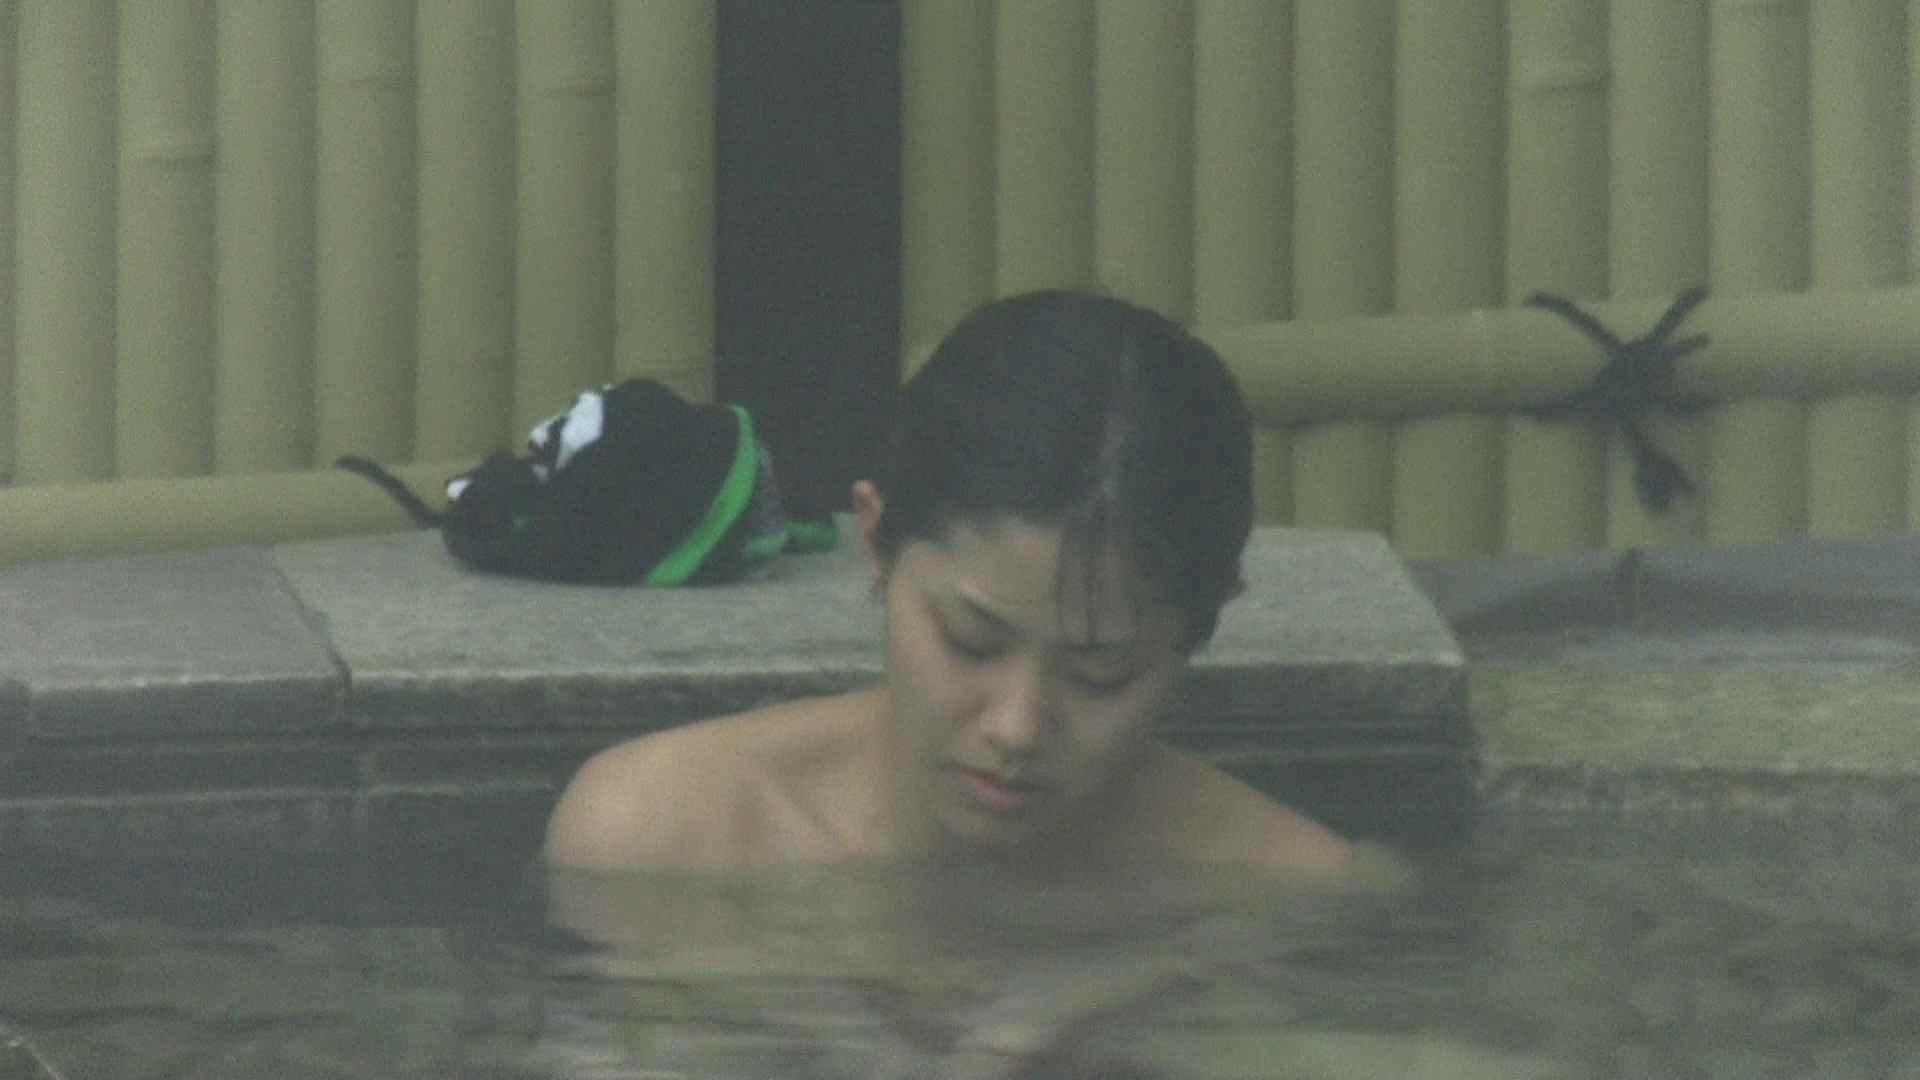 Aquaな露天風呂Vol.174 盗撮 | 露天風呂  89連発 40